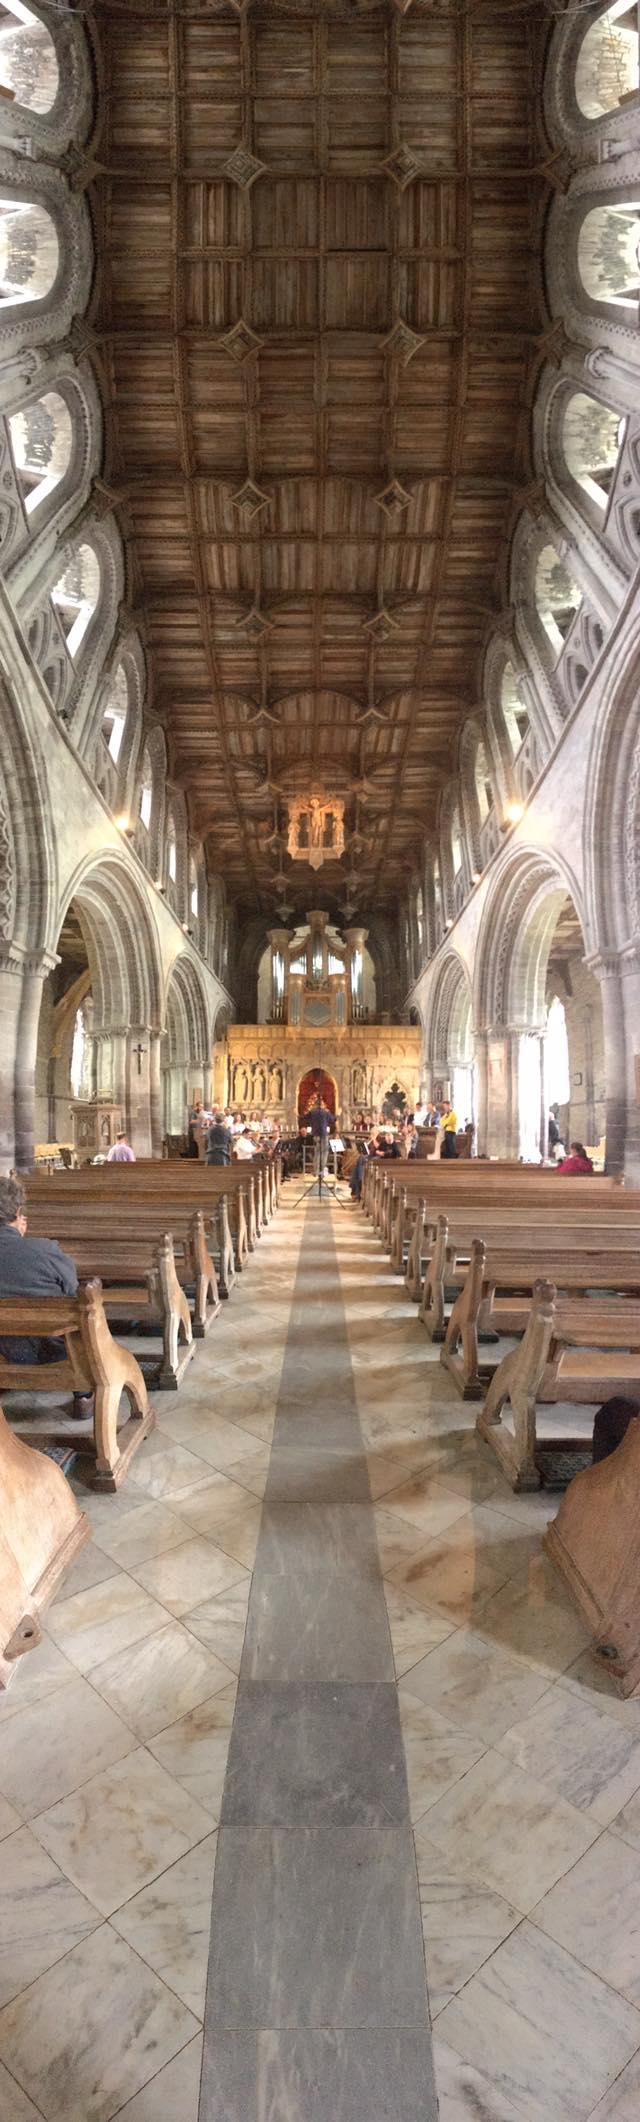 tcm wales church.jpg